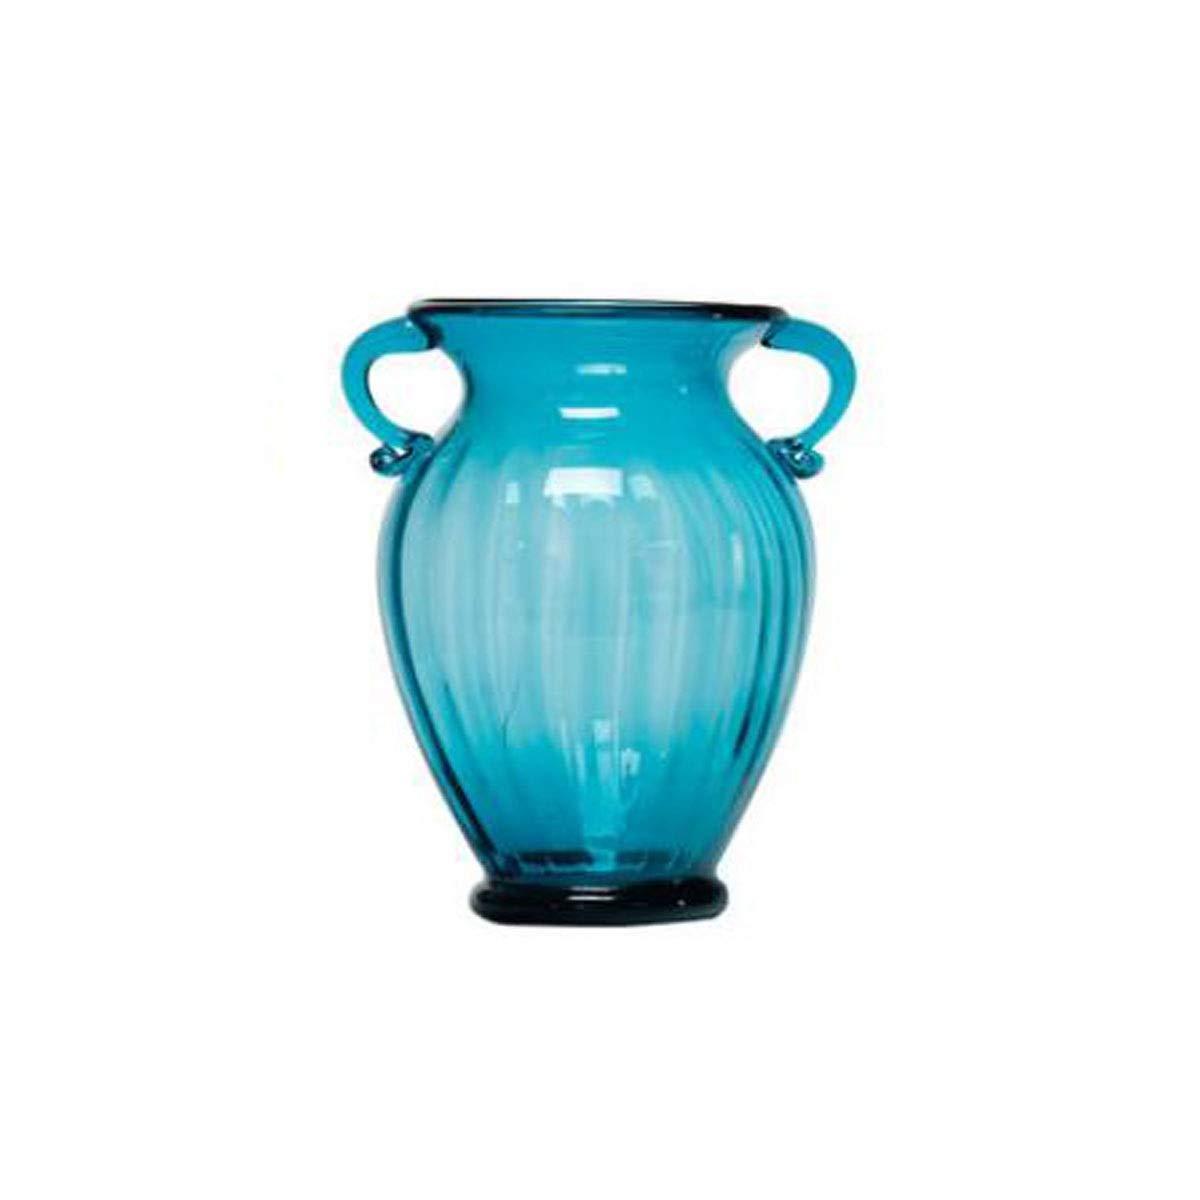 花瓶、両耳ガラスの花瓶、色透明のフラワーアレンジメント、水の文化、ヨーロッパ式のリビングルームのテーブルデコレーション、煙、グレー12インチ (Color : B, Size : 14.6*10.5*30cm) B07S8KM1SG B 14.6*10.5*30cm